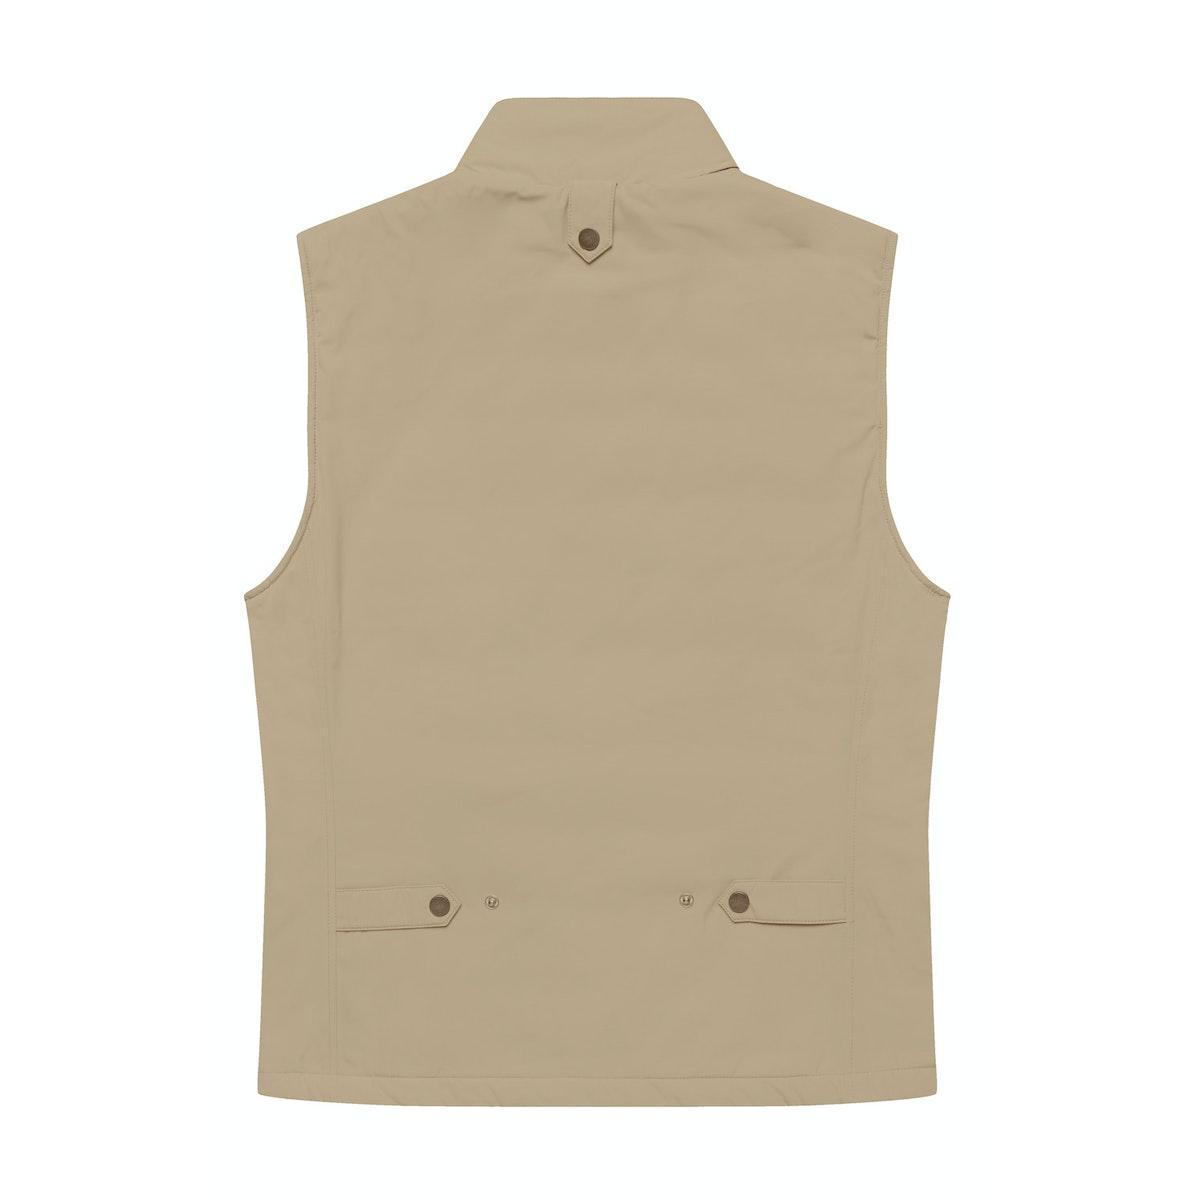 The Pemberton Sand Vest